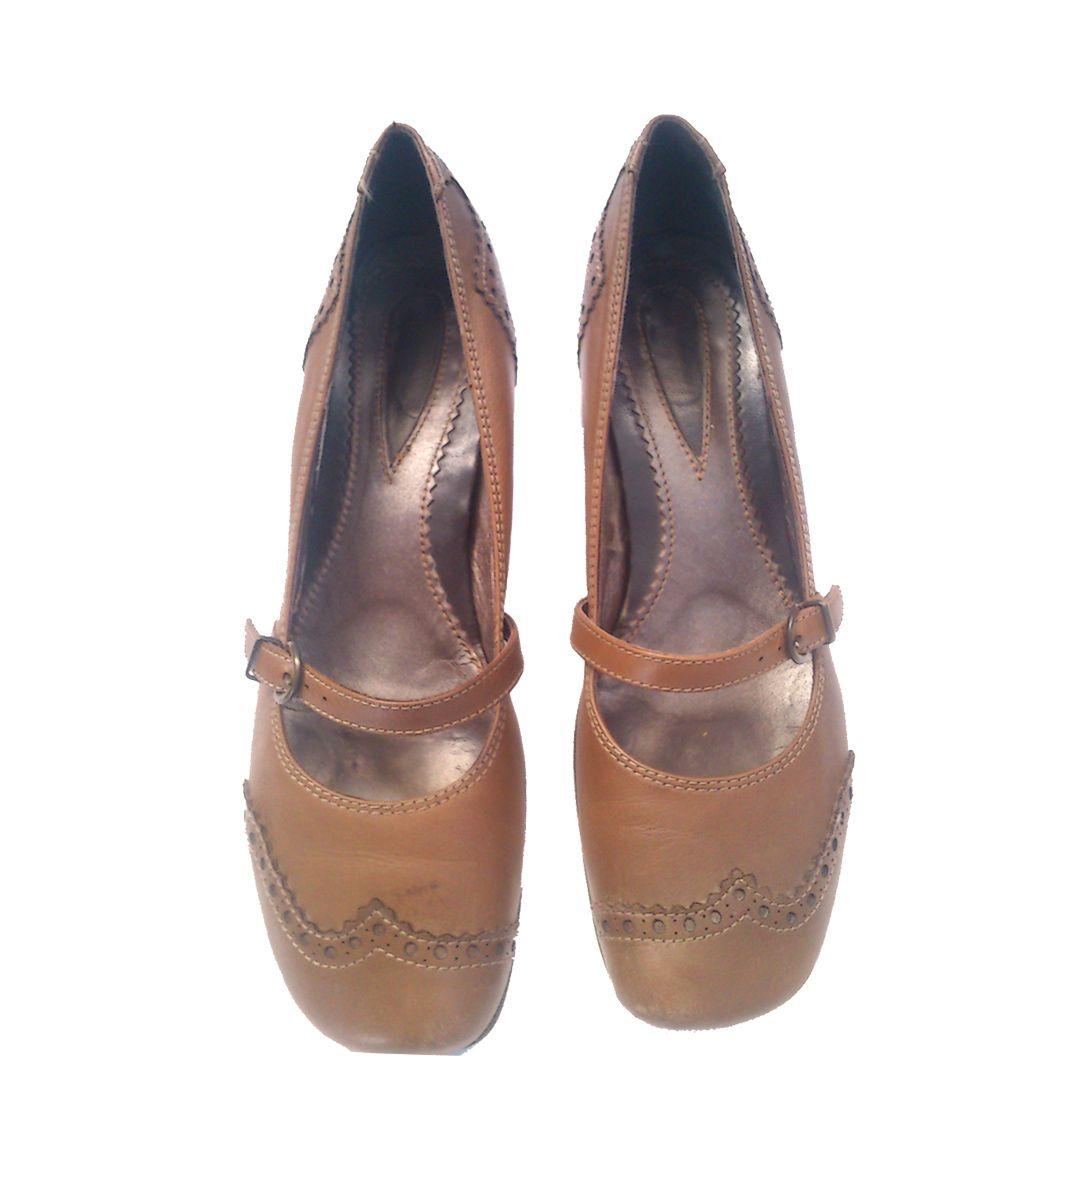 Zapatos marrones tacón bajo  40.00€